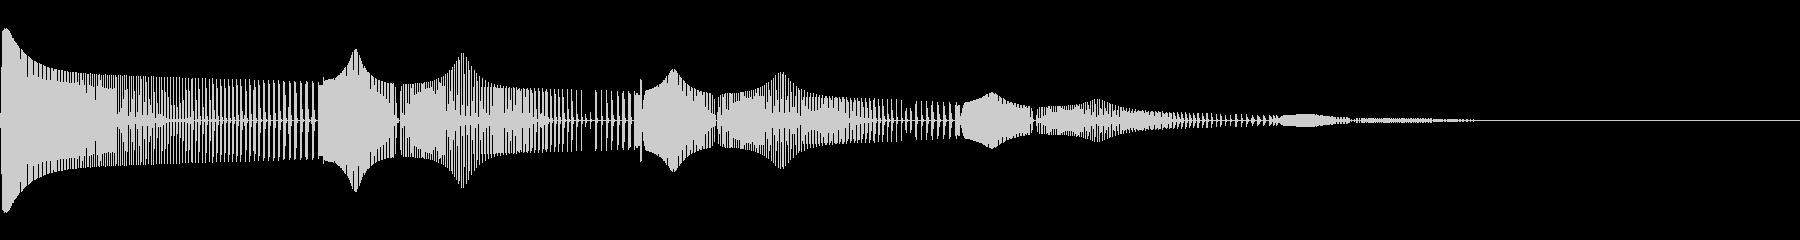 チュンチュン(死亡/ミス/失敗/ゲーム)の未再生の波形